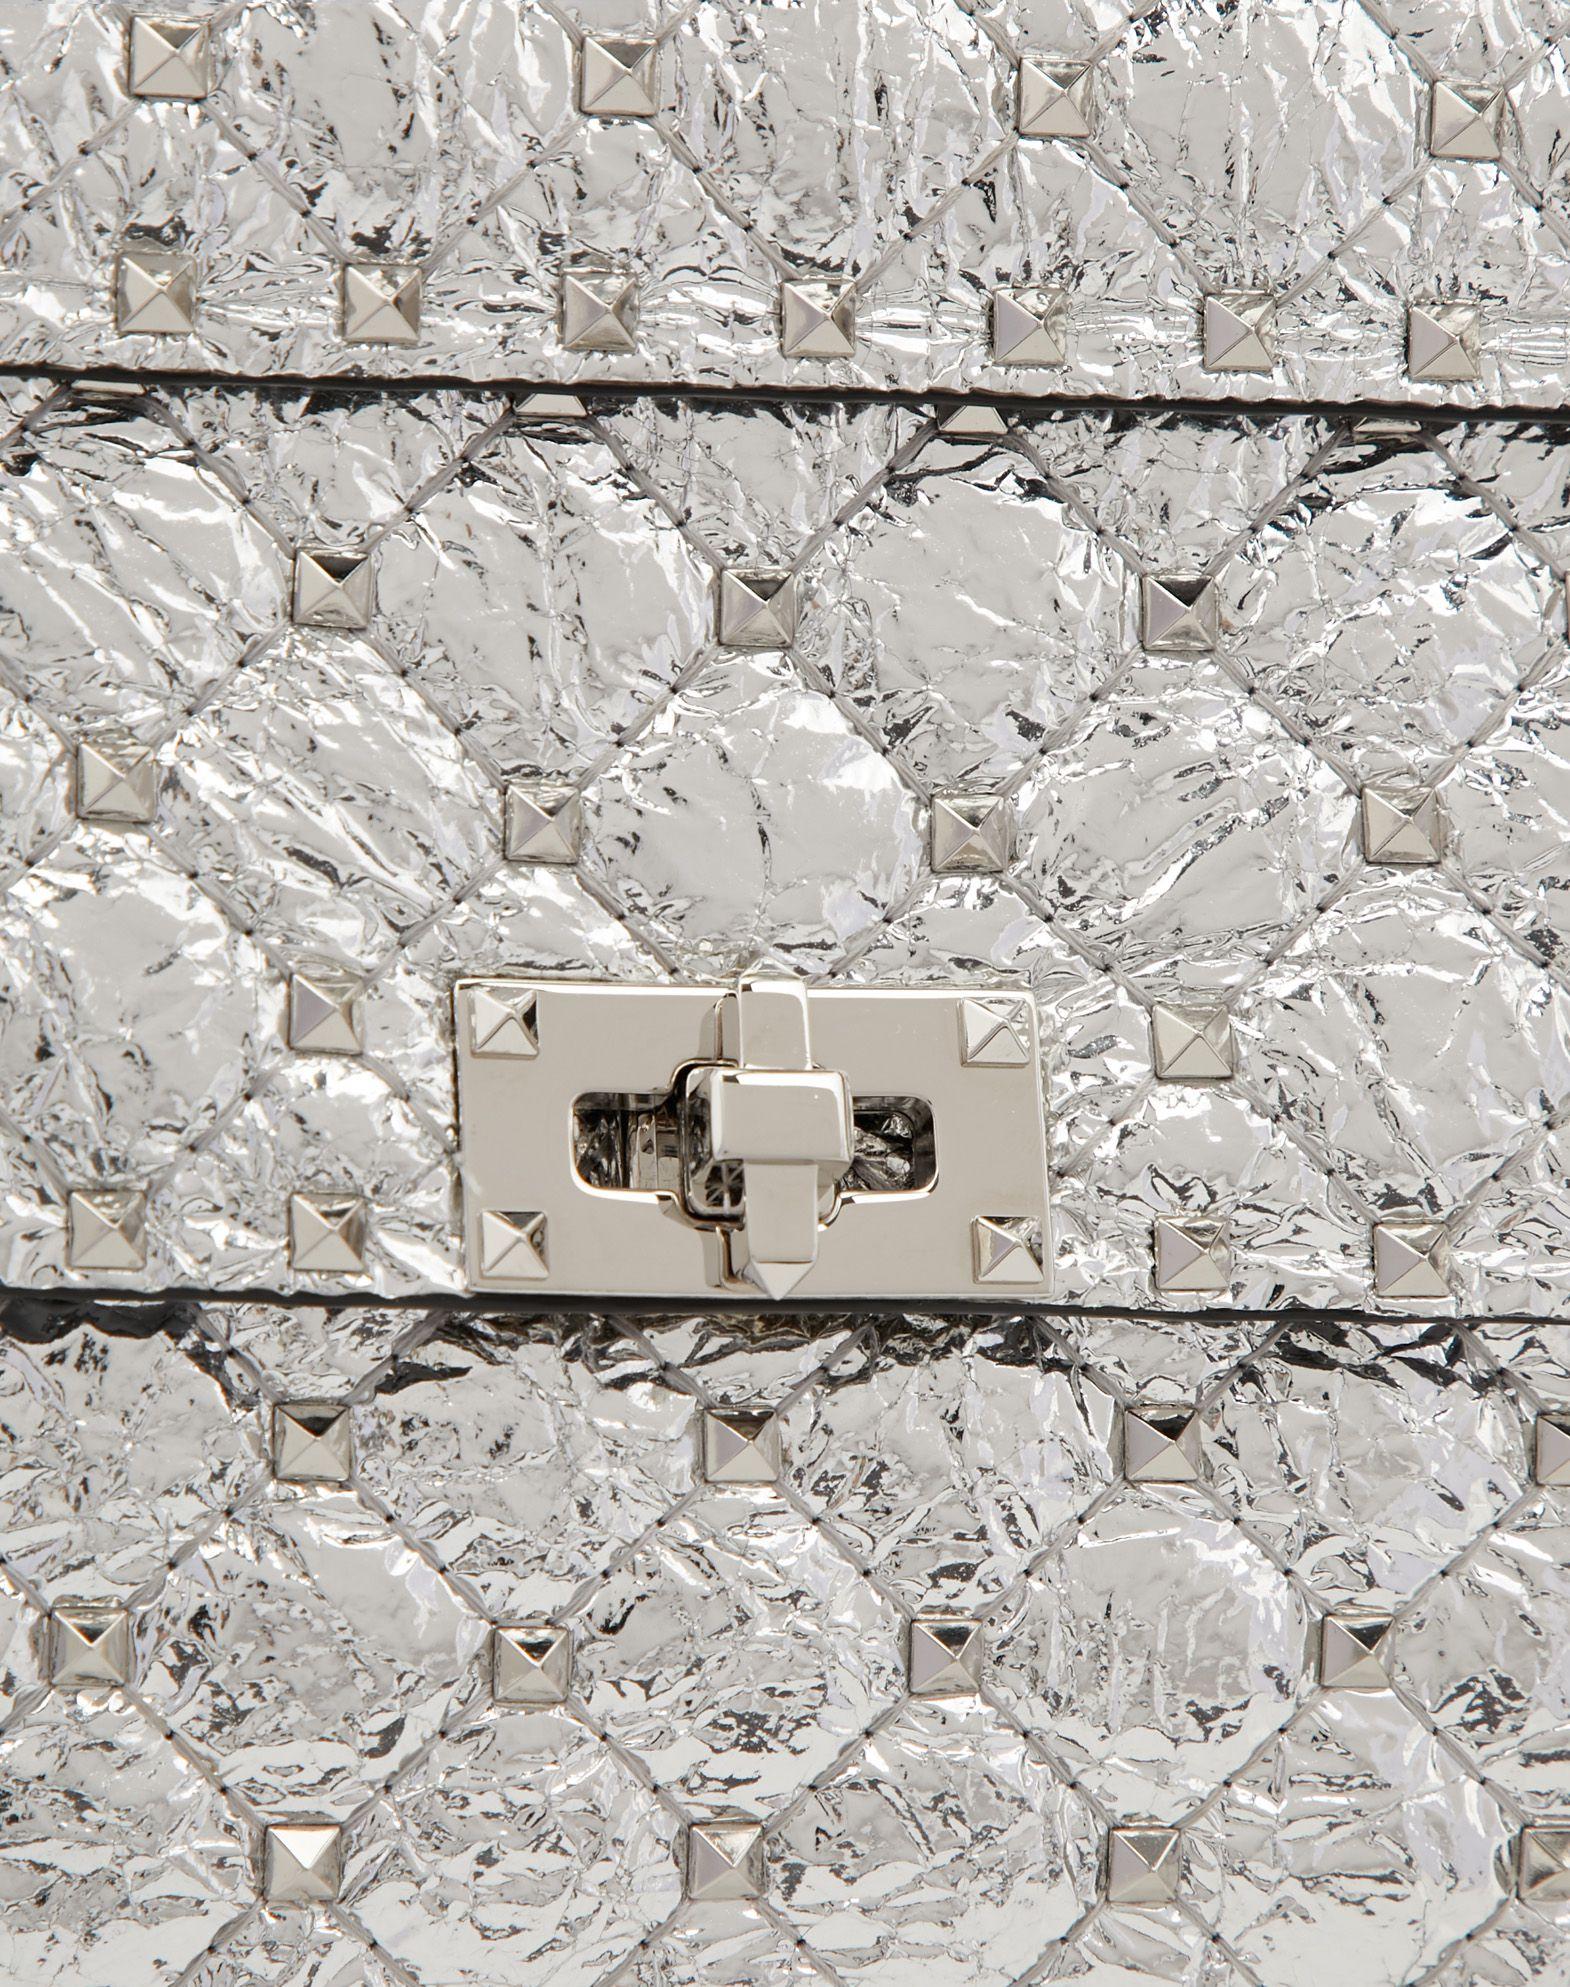 波光粼粼是镜面反射_新包 | Valentino 上架4款 Rockstud Spike.It 手袋:蝴蝶刺绣、金属质感 ...